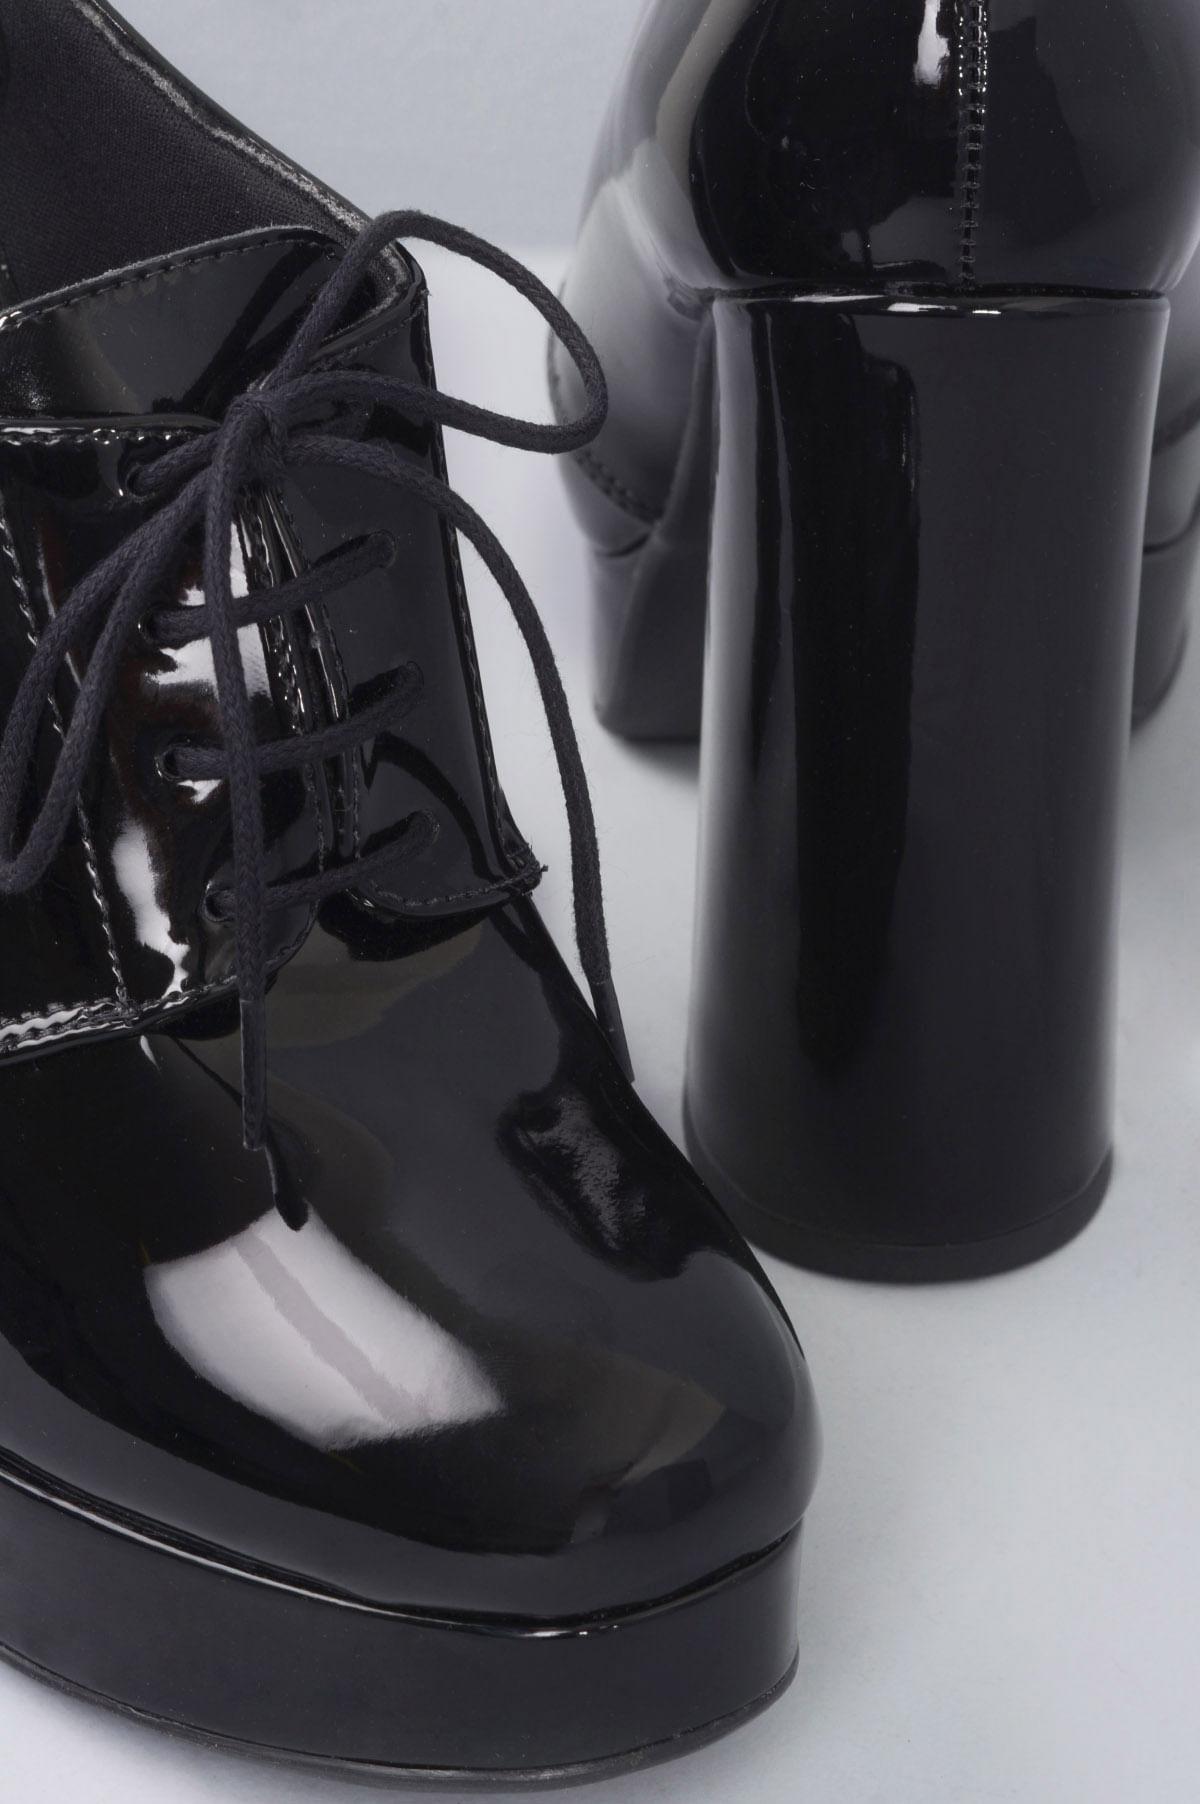 5636b97430 Oxford Feminino Salto Alto John Mundial VERNIZ PRETO - Mundial Calçados